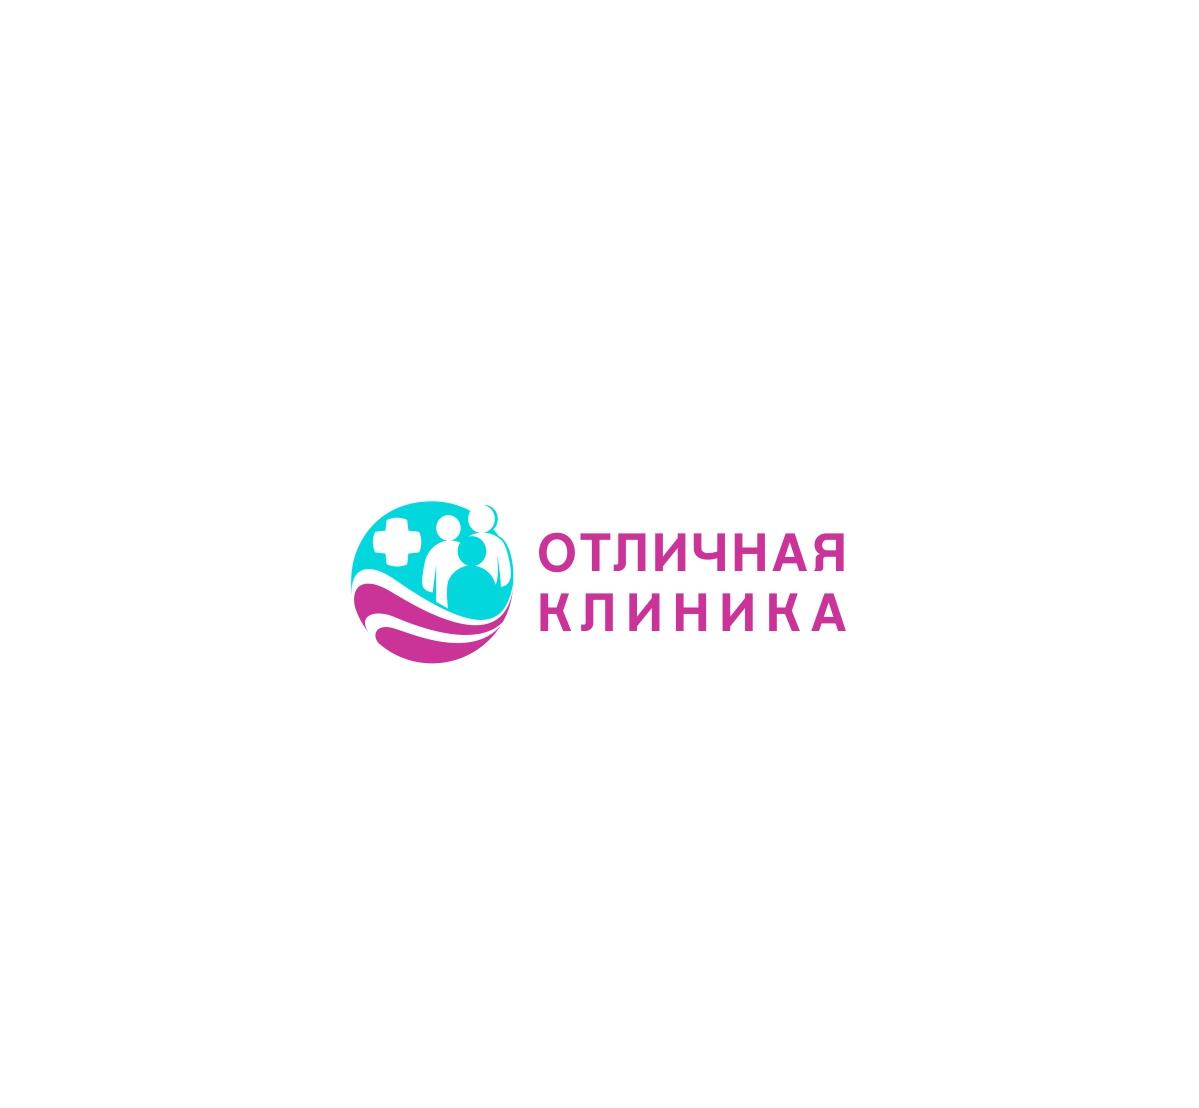 Логотип и фирменный стиль частной клиники фото f_7385c877cc5edb0f.jpg